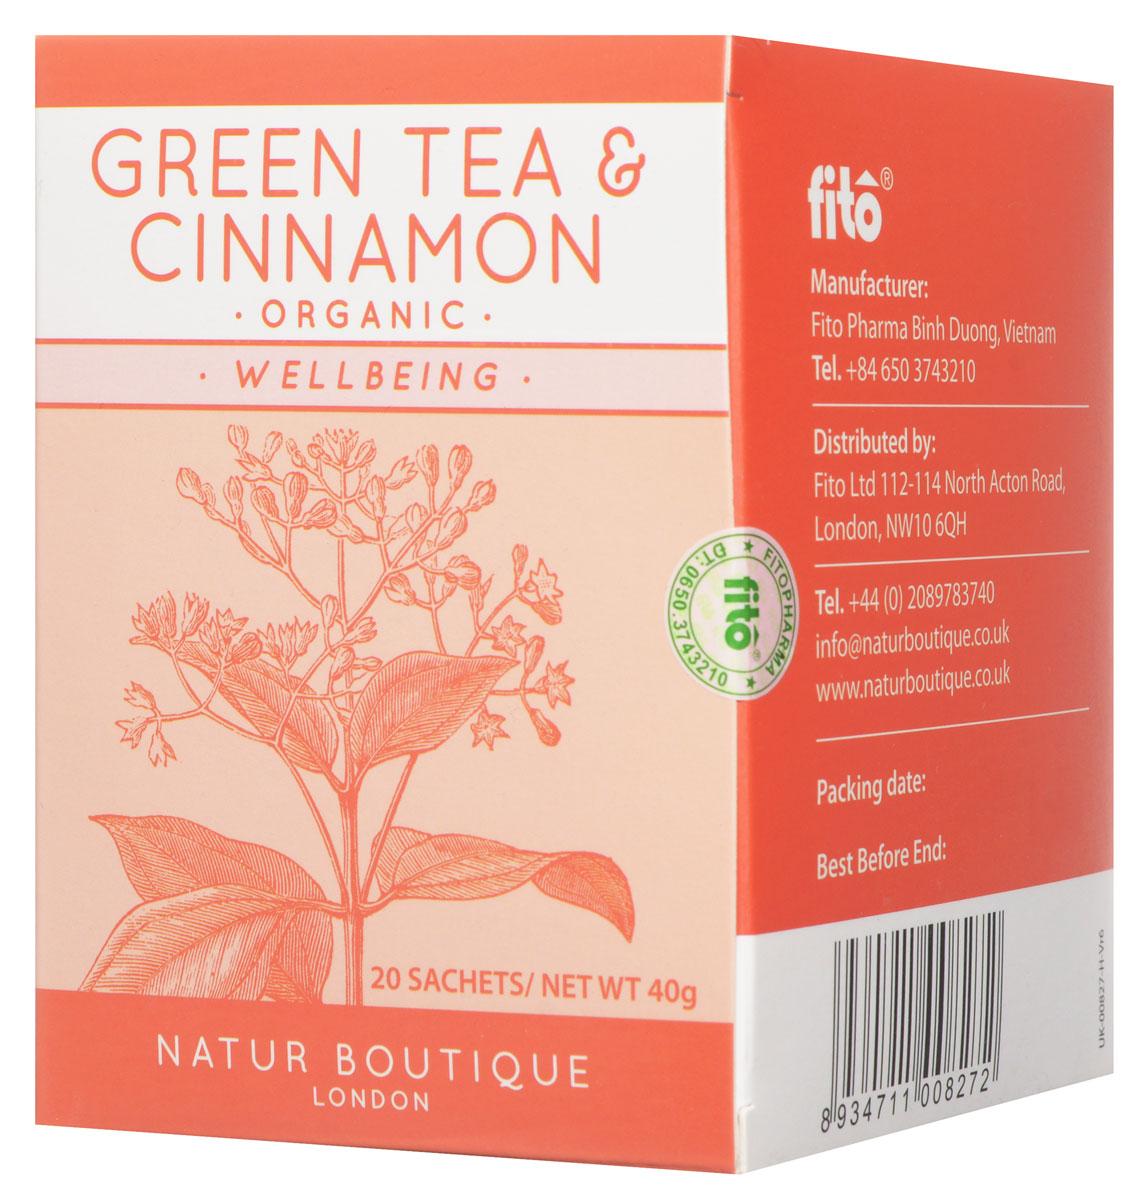 Natur Boutique Green Tea&Cinnamon Organic Tea органический зеленый чай с корицей, 20 пакетиков255Секрет чая Natur Boutique Green Tea&Cinnamon Organic Tea не только в корице, но и в зеленом чае, который выращивают в высокогорных районах Вьетнама. Из-за большой высоты чай растет медленно, приобретая насыщенный вкус. Кроме того используются только натуральные методы выращивания. Для лучшего вкуса нежные бутоны и молодые листья собираются вручную.Чай Natur Boutique выращен без использования синтетических пестицидов и минеральных удобрений на лучших плантациях Севера Вьетнама. Благодаря высокогорному происхождению зеленый чай Natur Boutique обладает повышенным содержанием антиоксидантов. Собранные вручную трилистки (флеши) деликатно ферментированы и высушены для создания безукоризненного чая с насыщенным вкусом и ароматом.Полезные свойства зеленого чая:Повышает умственную и физическую работоспособностьТонизирует организмОбладает антиоксидантным действиемУскоряет обменные процессы, нормализует весКорица повышает настроение, оказывает антисептическое действие и активизирует пищеварение